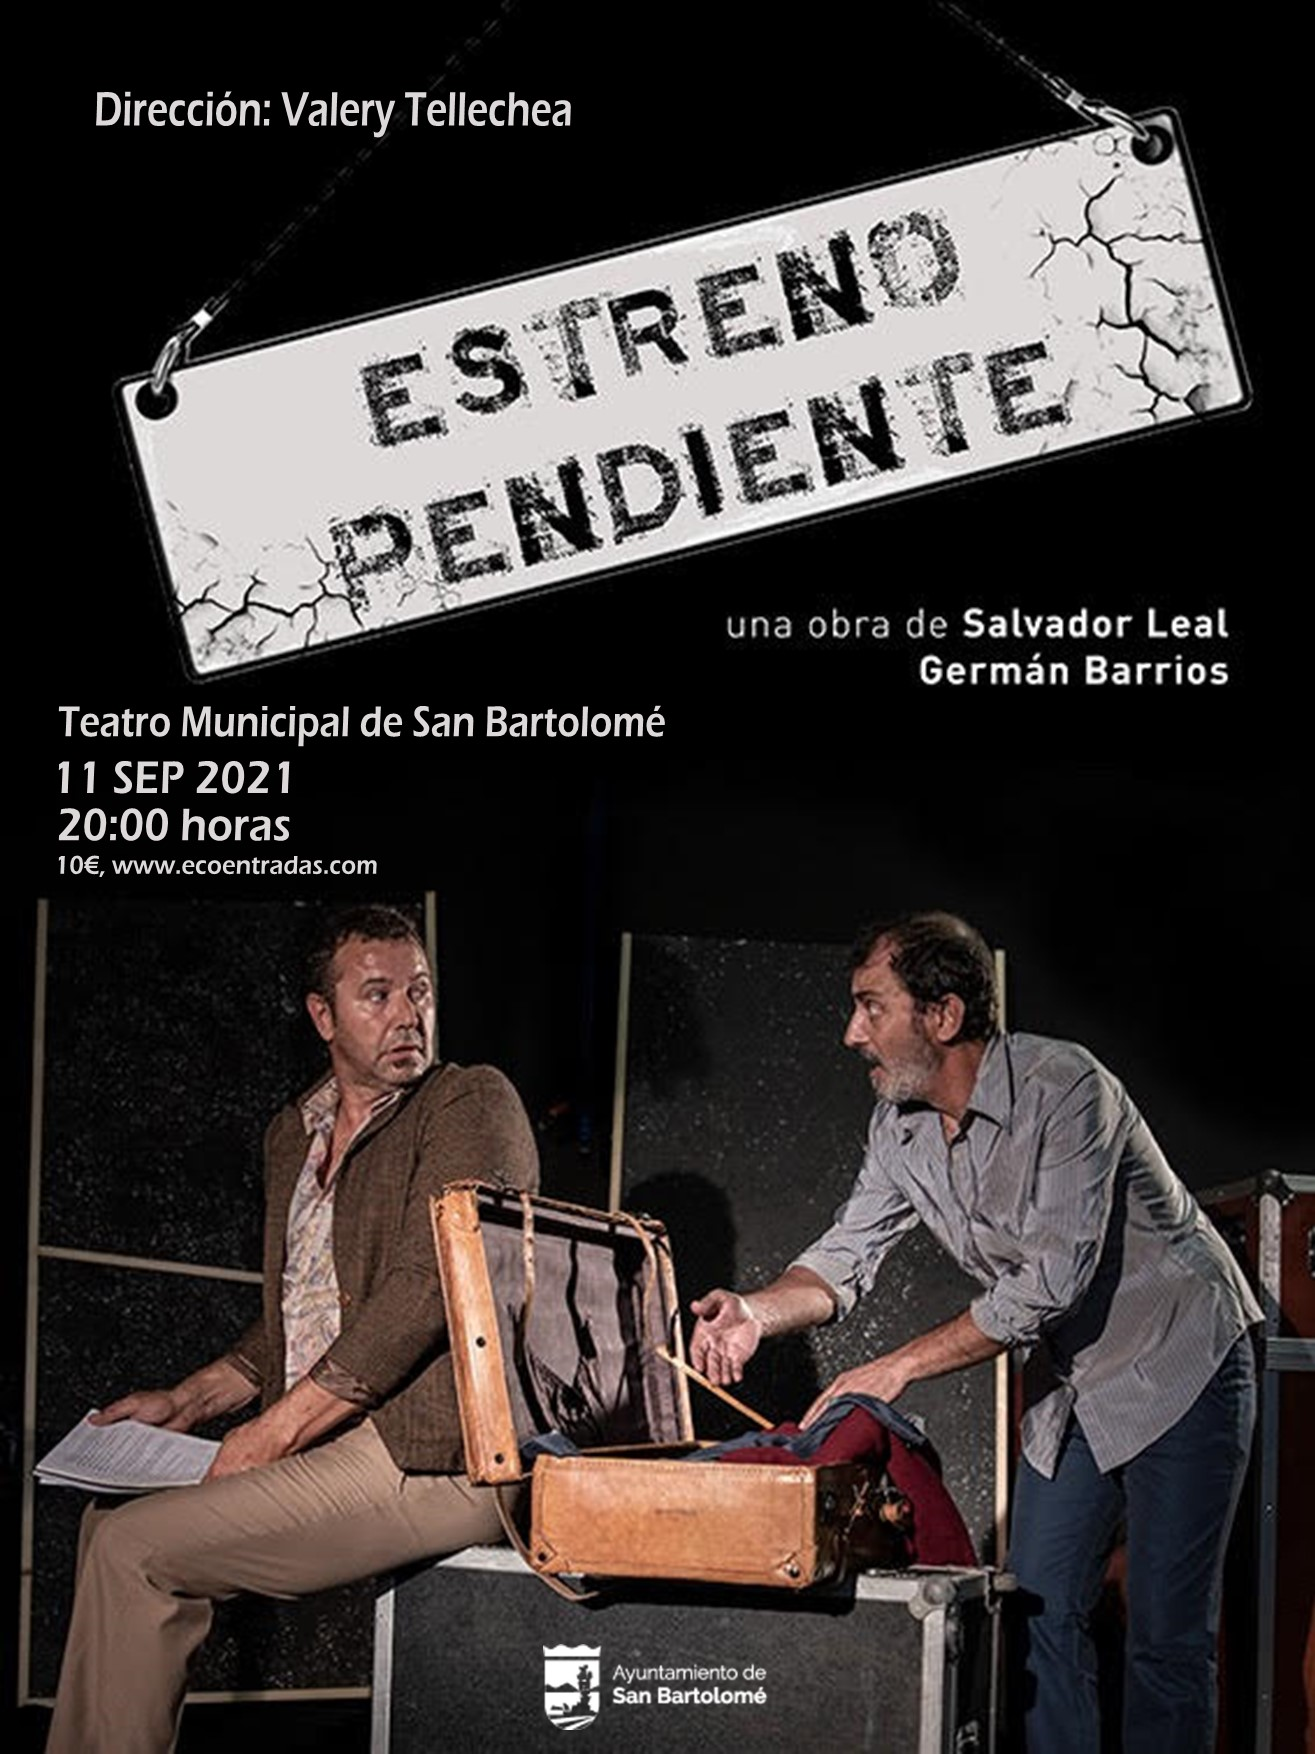 Teatro, a cargo de Trama2 Producciones, con la obra: Estreno Pendiente en el Teatro Municipal de San Bartolomé